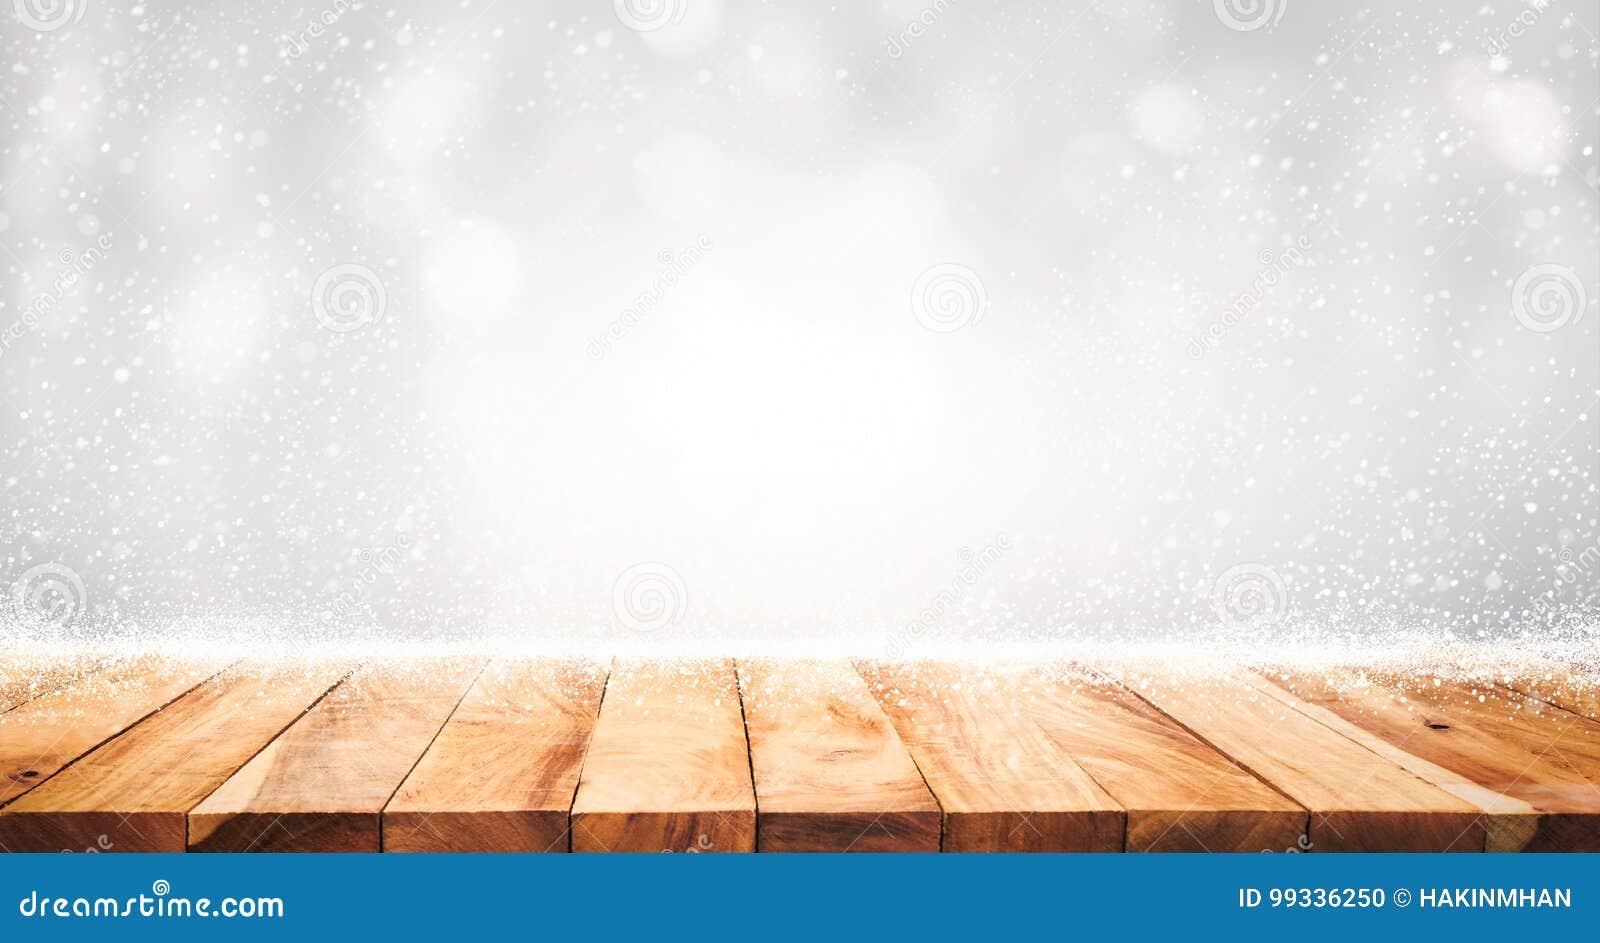 Tampo da mesa de madeira com queda de neve do fundo da estação do inverno Natal